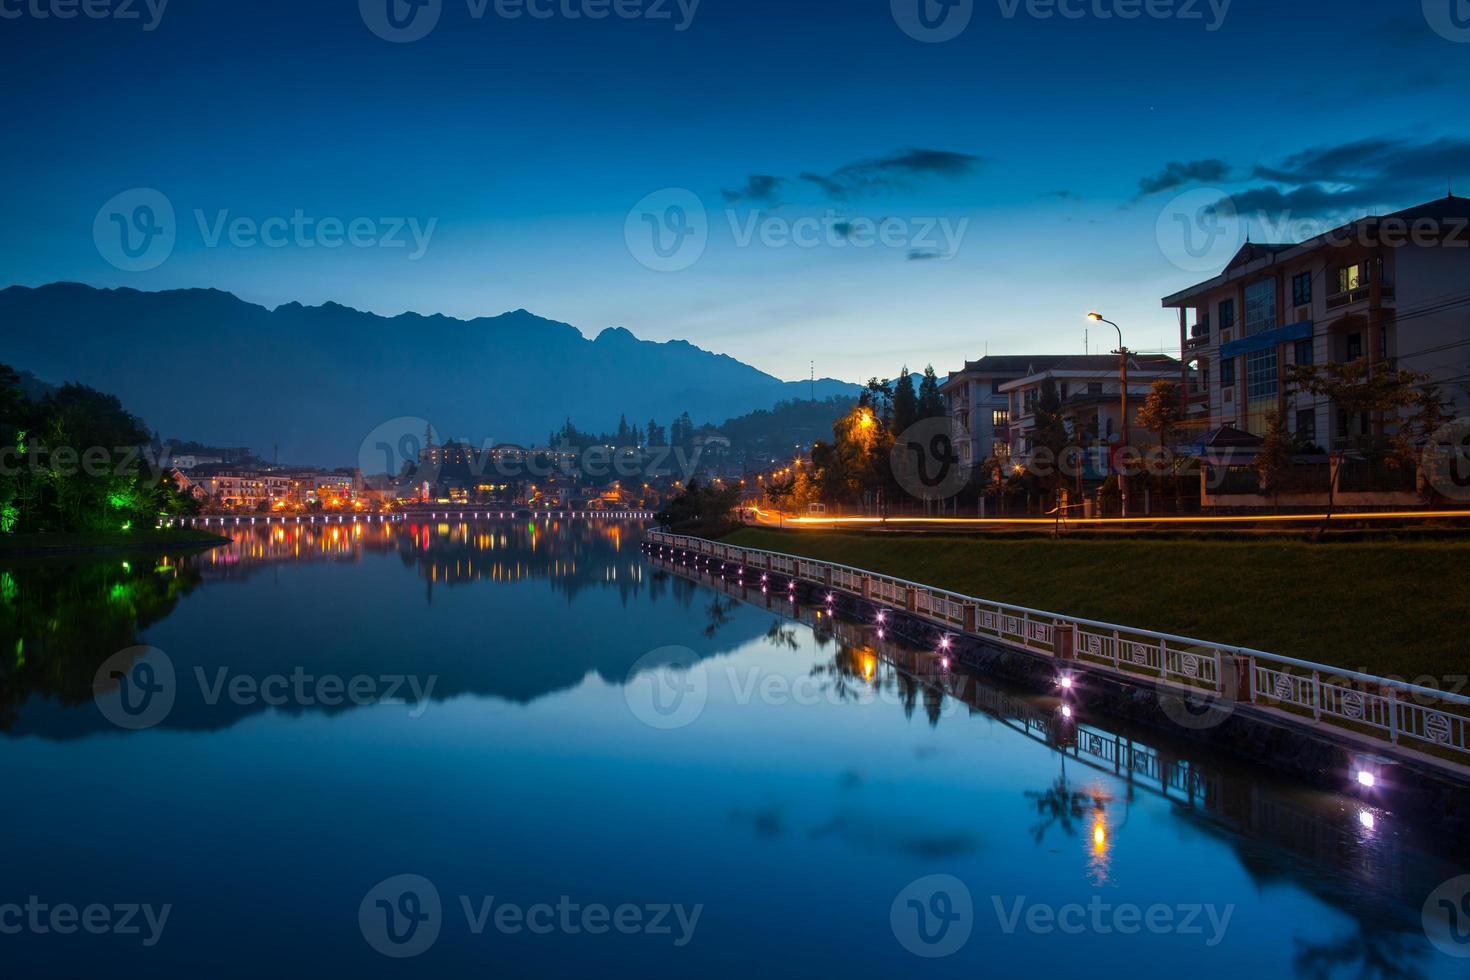 nacht stadsgezicht reflectie op het water foto